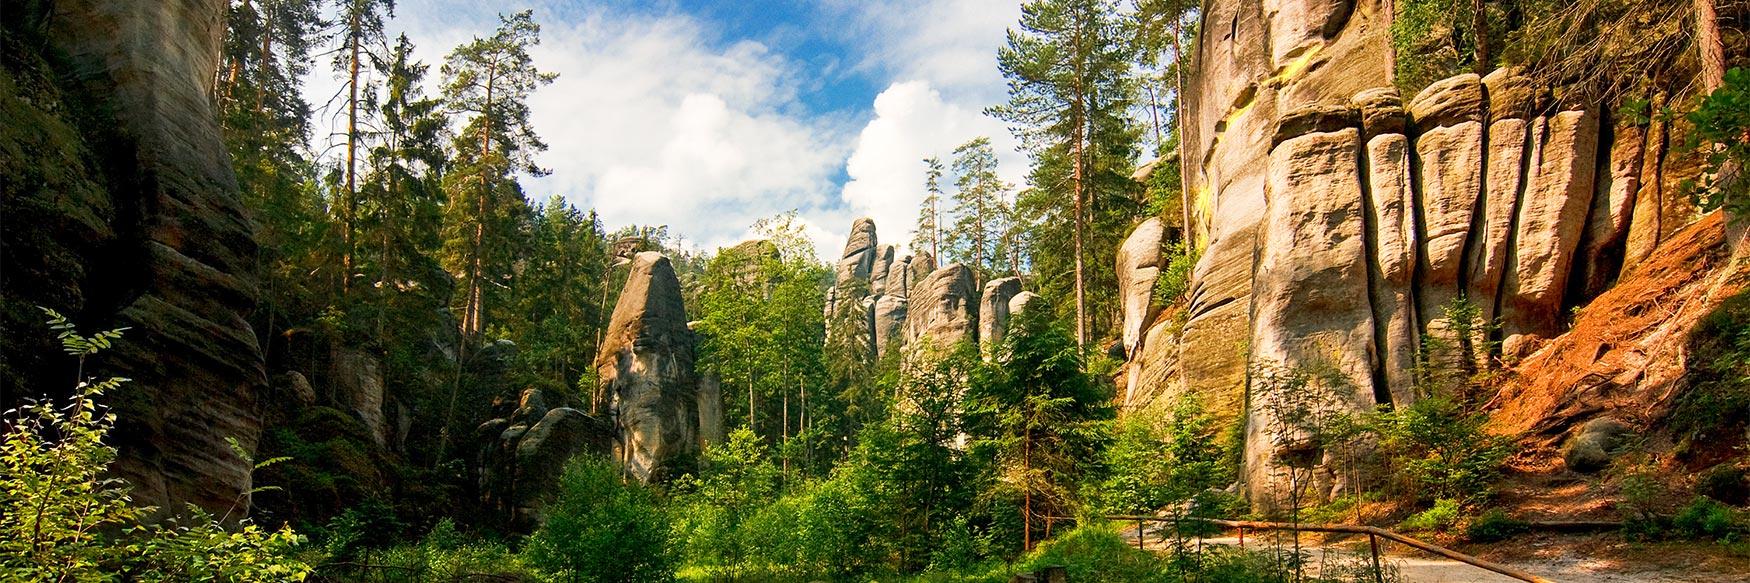 Adršpach-Teplice Rocks, Hradec Králové Region, Czechia